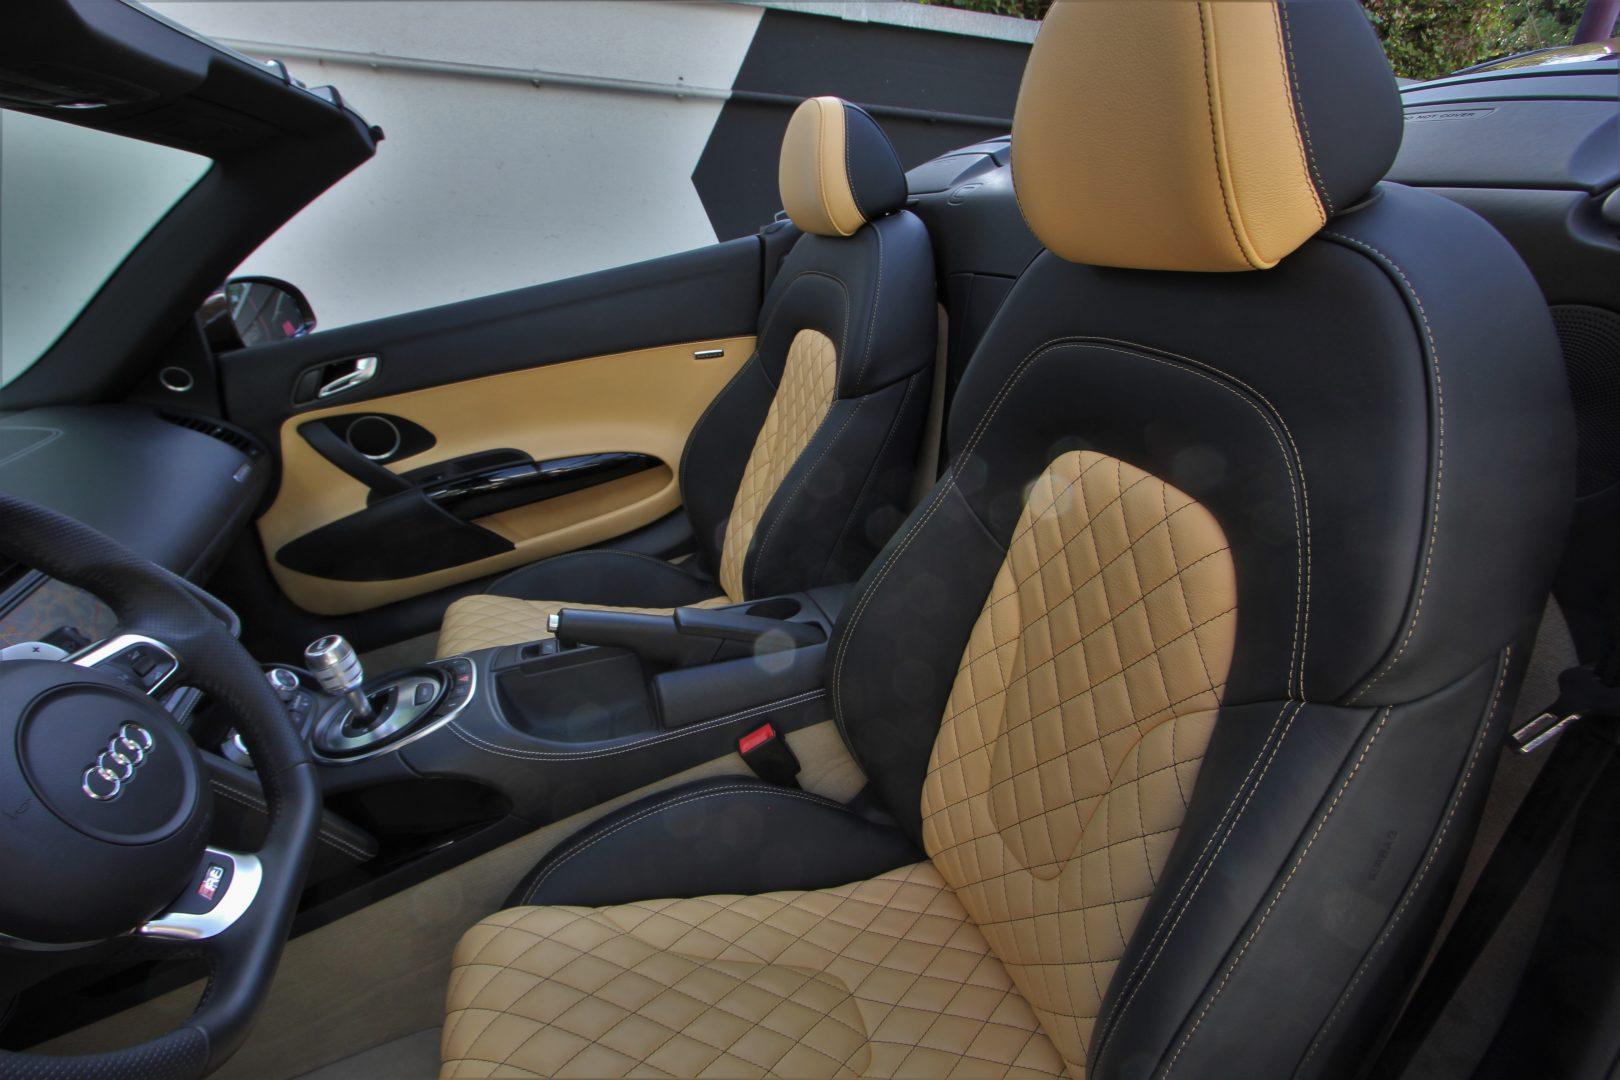 AIL Audi R8 Spyder V10 Exclusiv Paket Bi-color 14